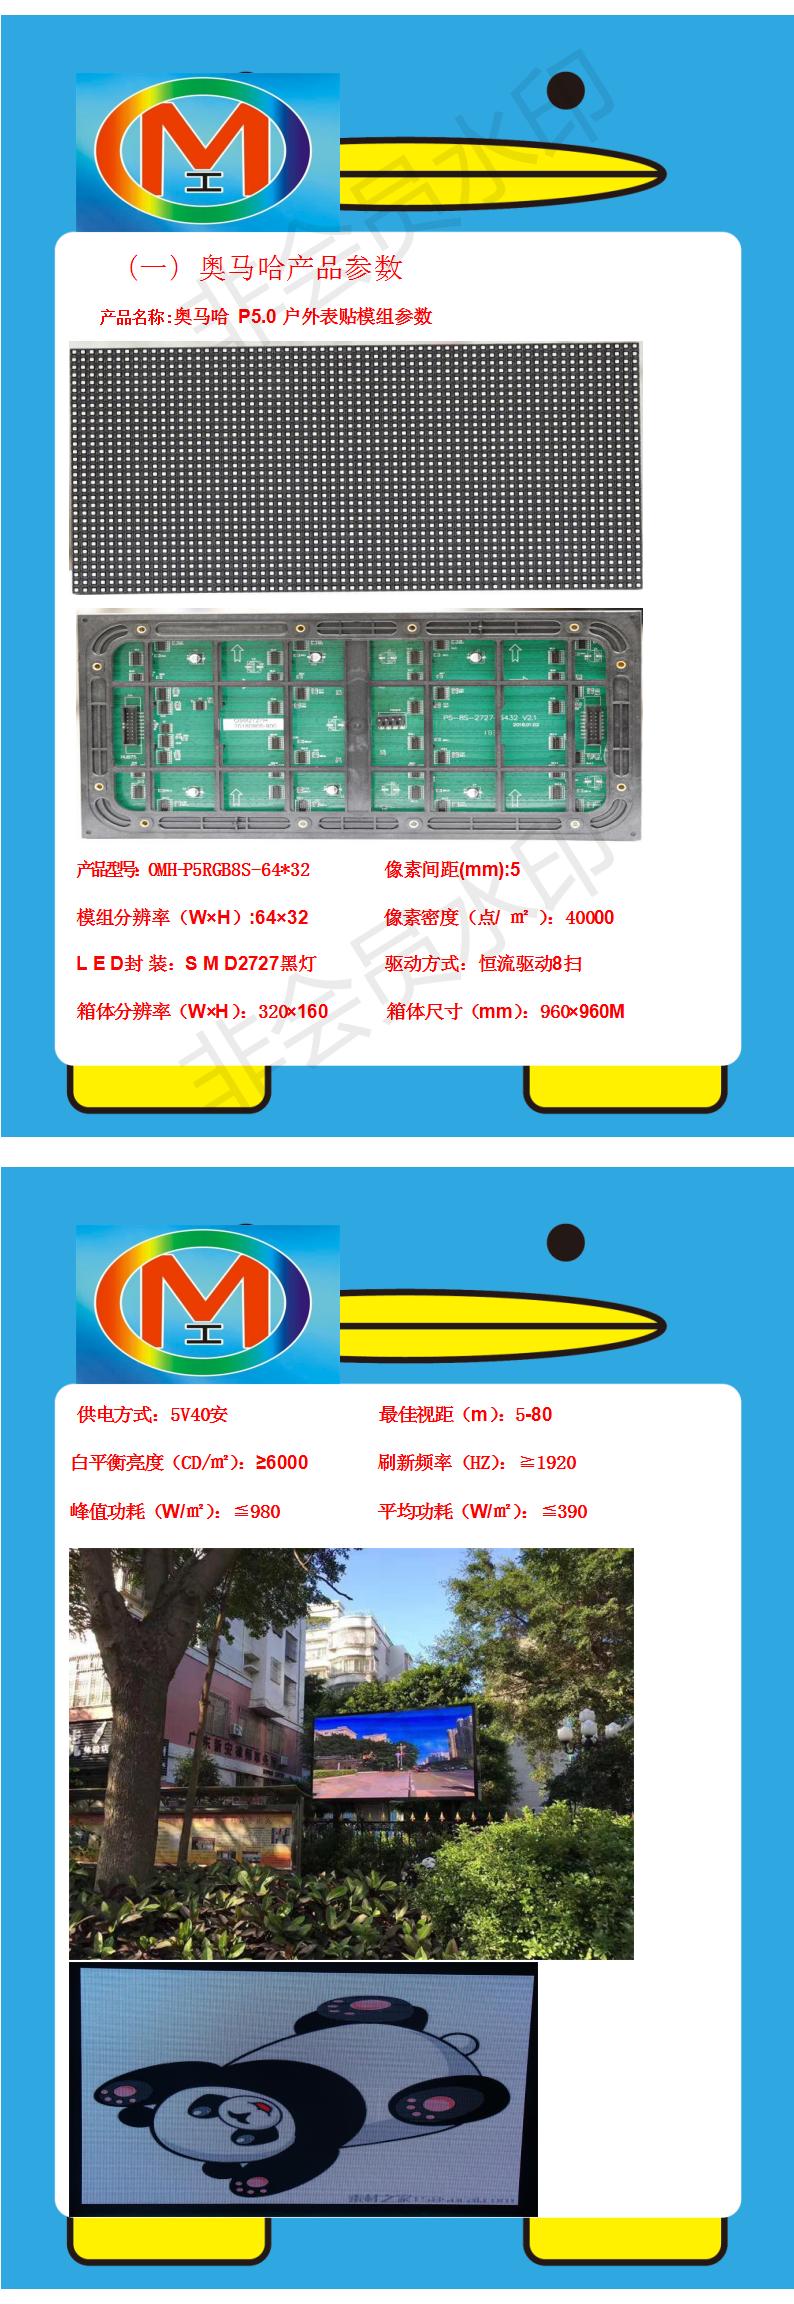 台州市九峰公园出口LED户外显示屏专用P5户外标准箱体(奥马哈)